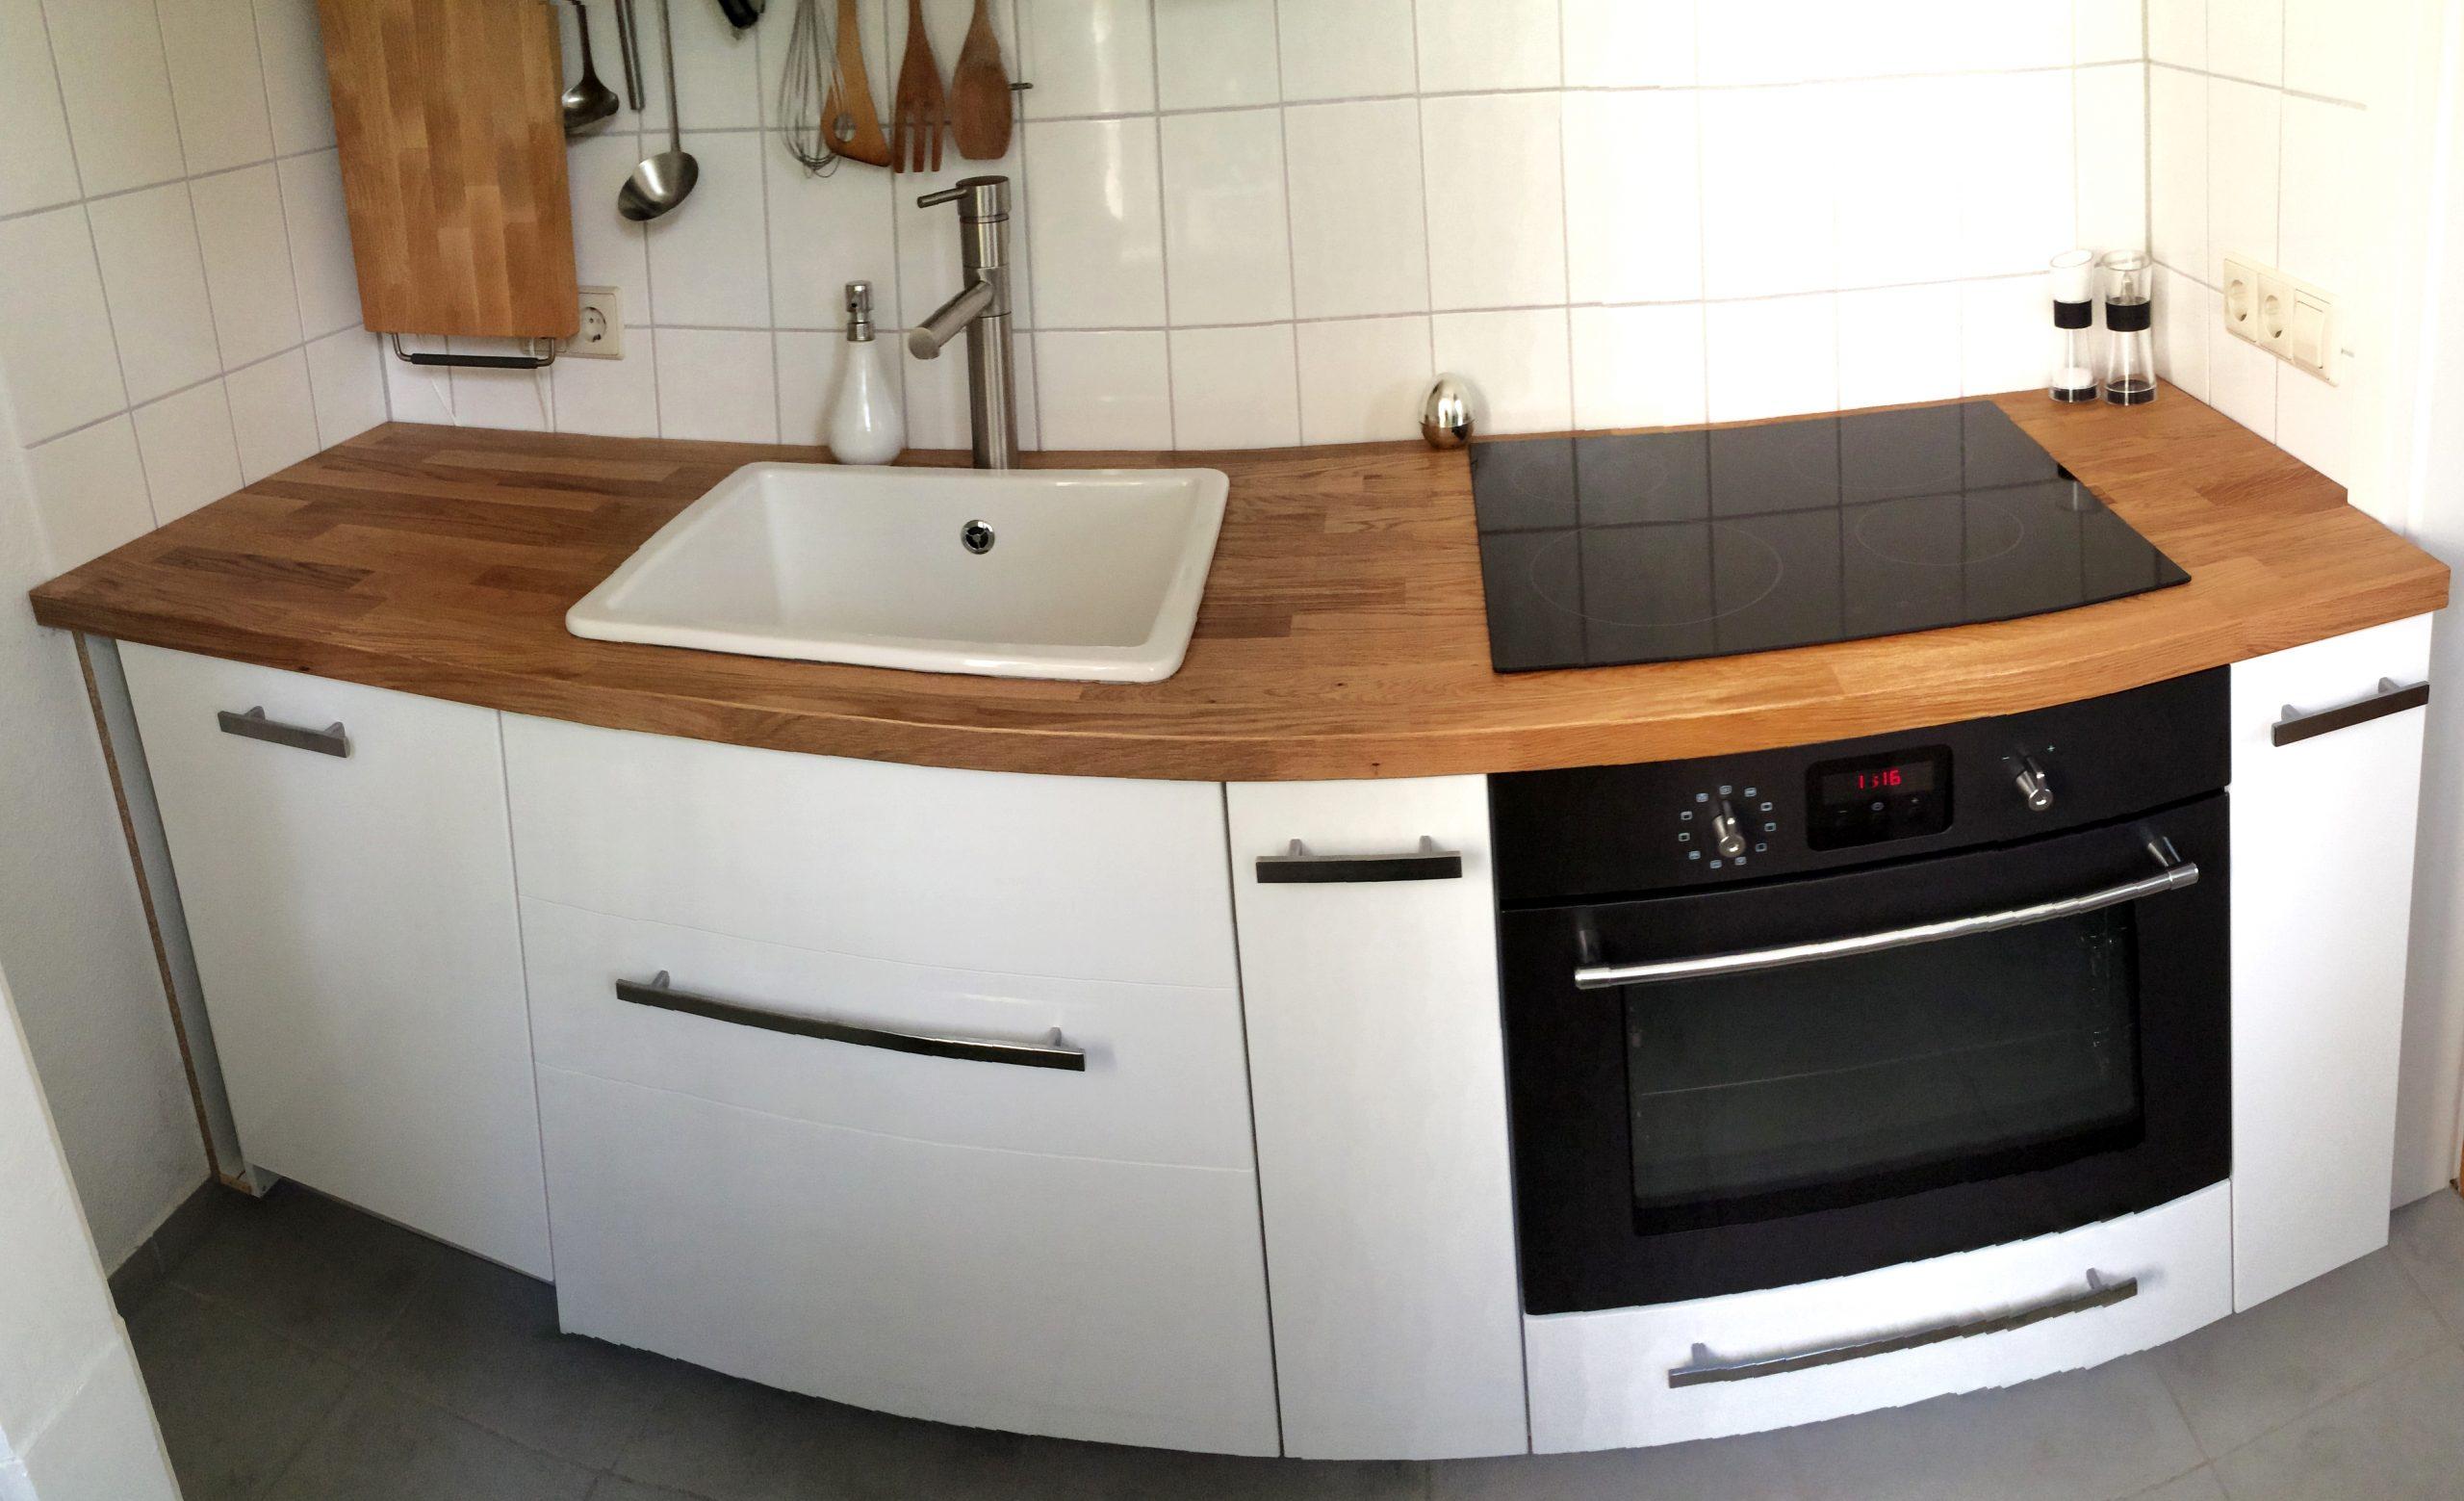 Full Size of Küche Selber Planen Ikea Wie Kann Ich Meine Küche Selber Planen Küche Selber Planen Günstig Küche Selber Planen Programm Küche Küche Selber Planen